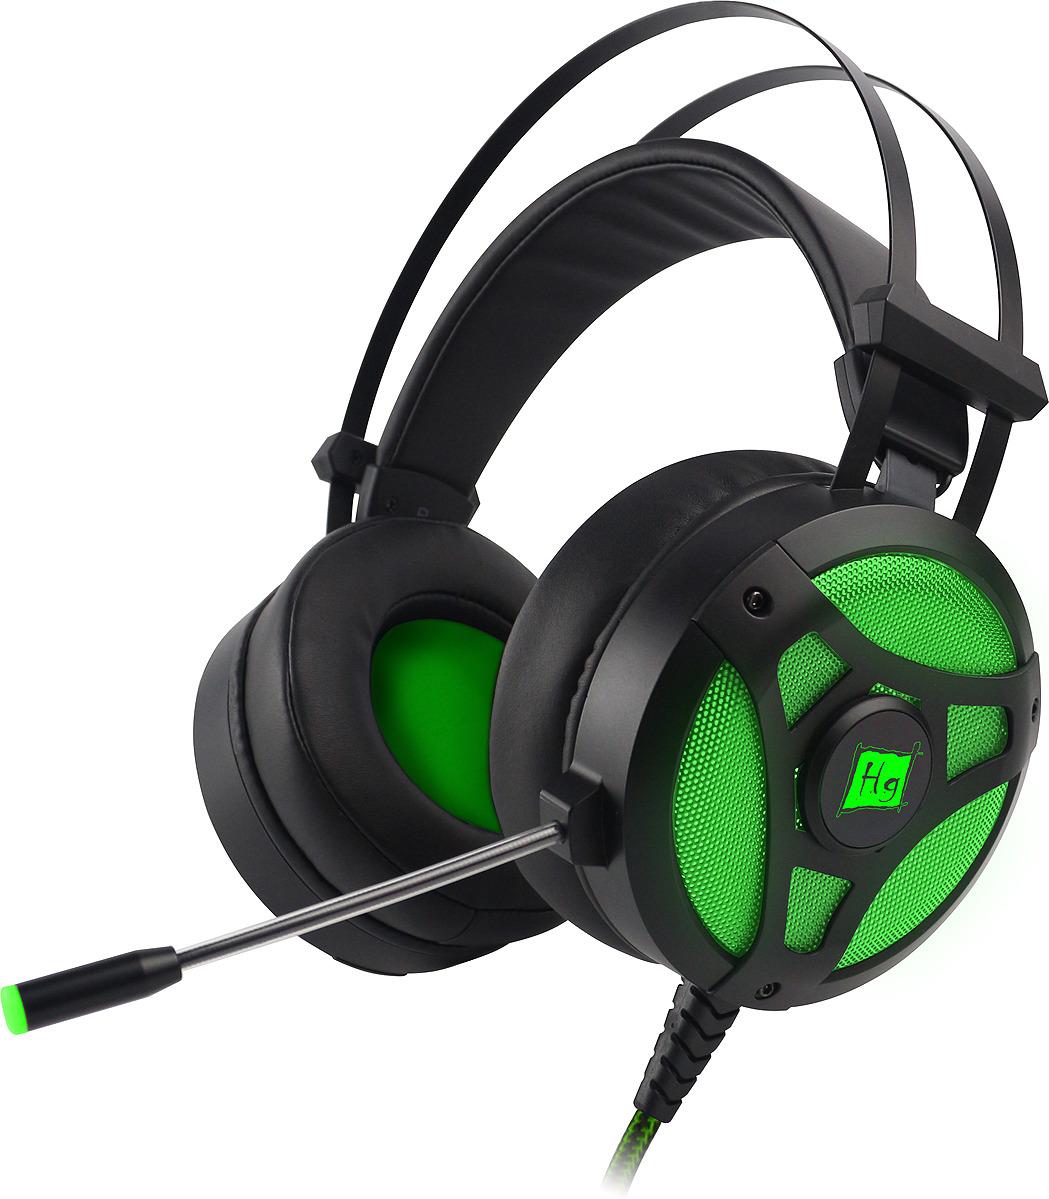 Игровые наушники Harper Gaming Hellfire, GHS-X10, черный, зеленый